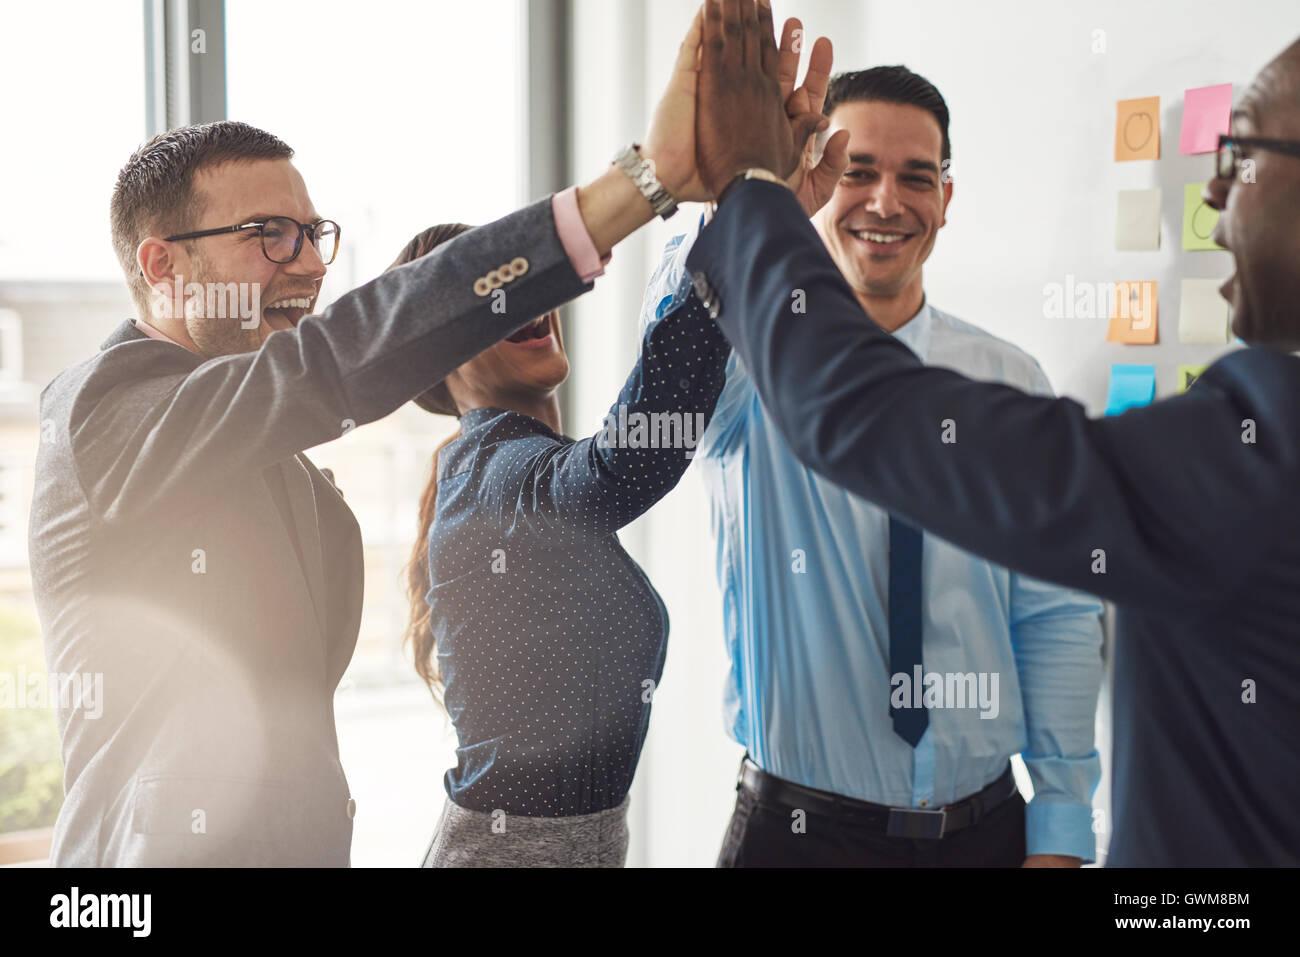 Feliz éxito multirracial equipo empresarial dando una alta cincos gesto como se ríen y alegrar su éxito Imagen De Stock